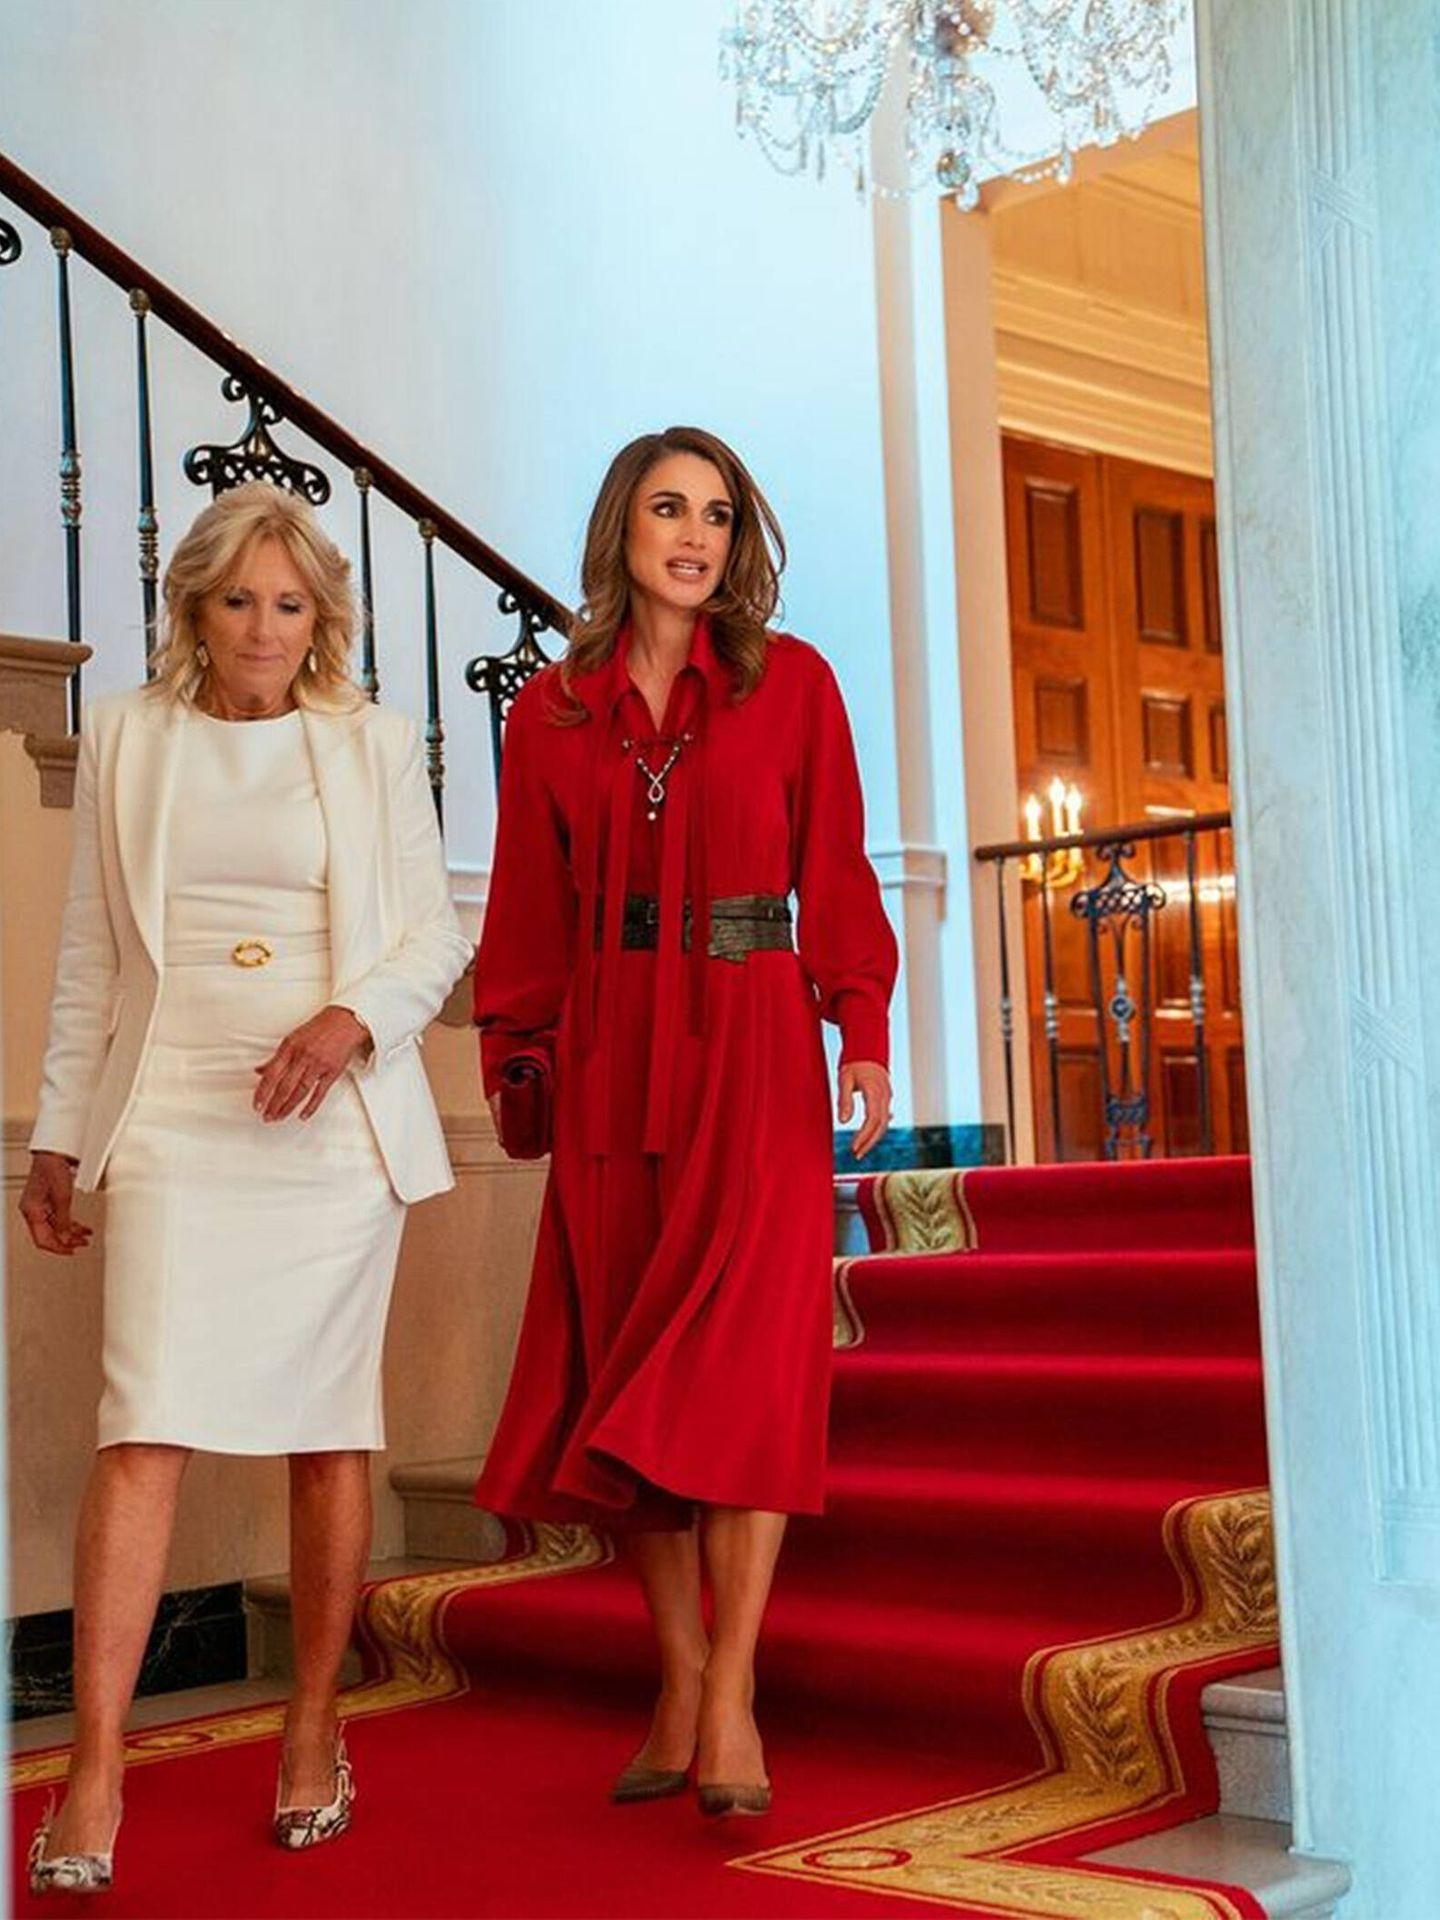 Rania de Jordania y Jill Biden, durante su encuentro en la Casa Blanca. (Instagram @queenrania)